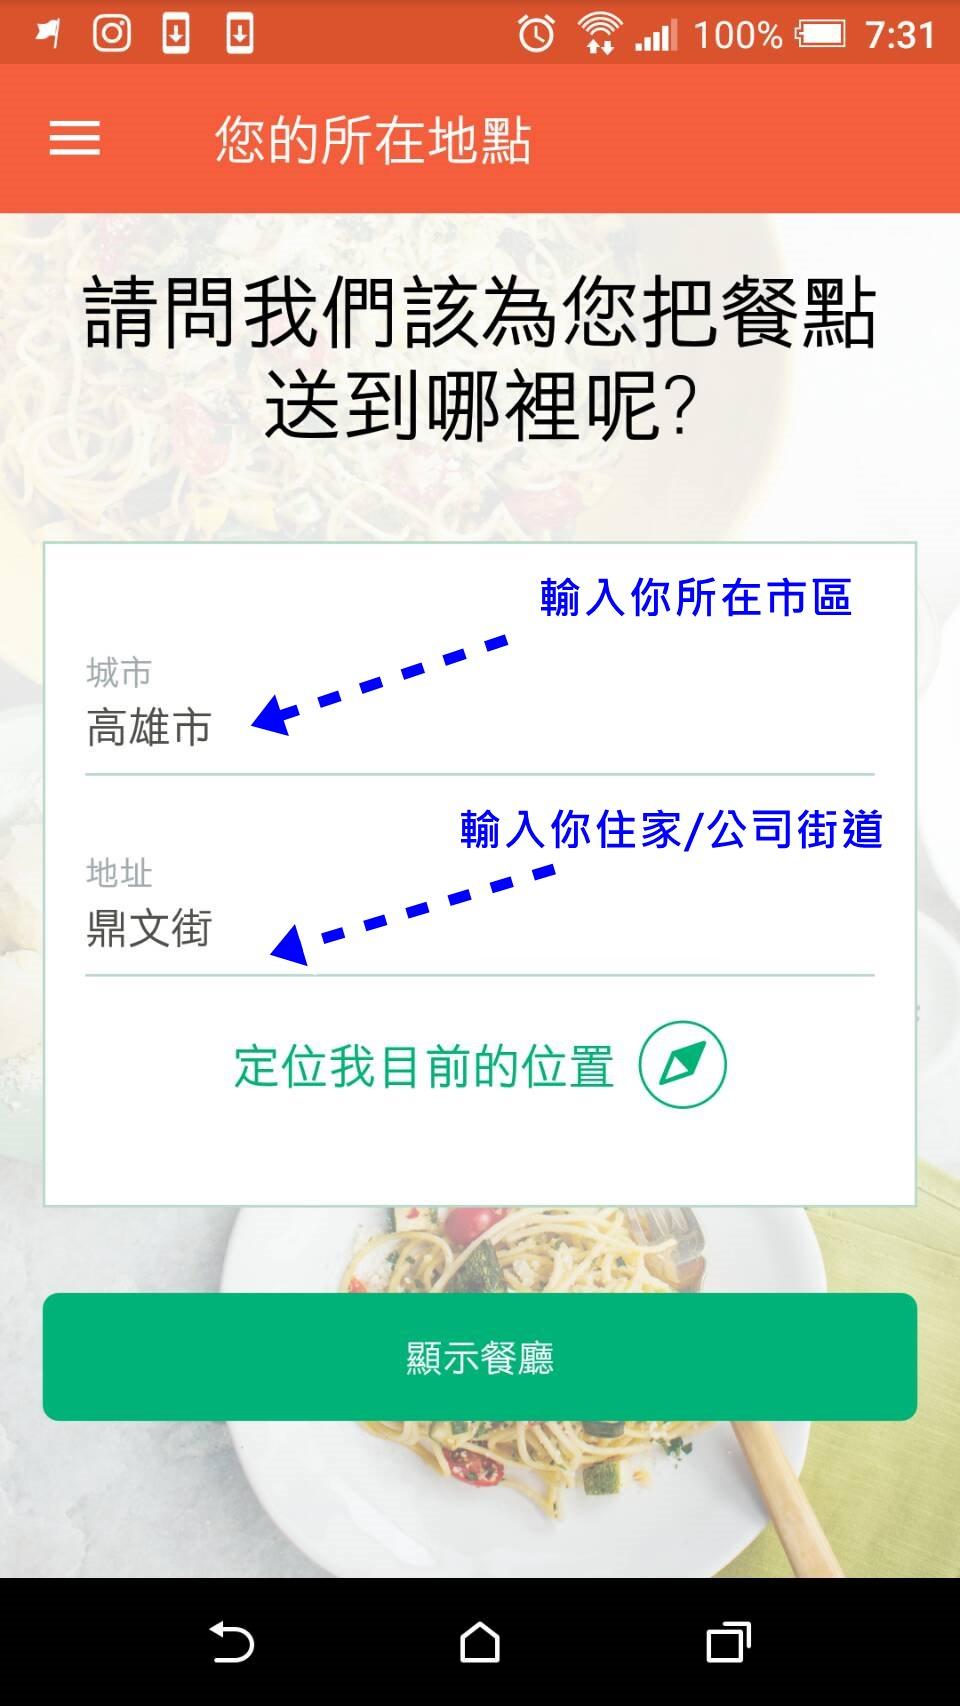 [高雄]空腹熊貓foodpanda-懶人超適合! 超方便線上訂餐x餐廳美食外送 高雄外送美食推薦 @美食好芃友